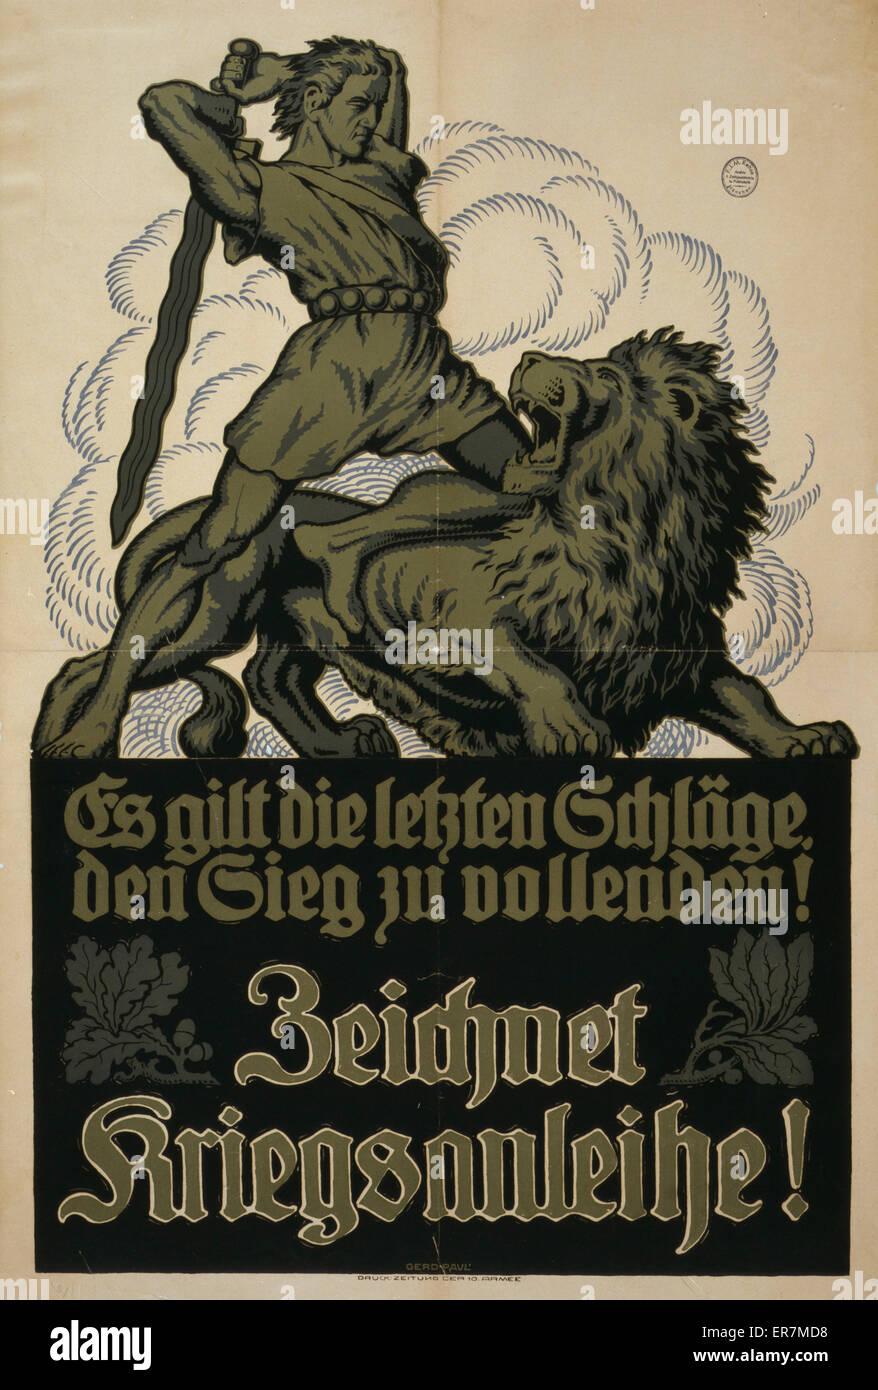 Es gilt die letzen Schlage, den Sieg zu vollenden! Zeichnet Kriegsanleihe!. Poster shows a medieval warrior about - Stock Image